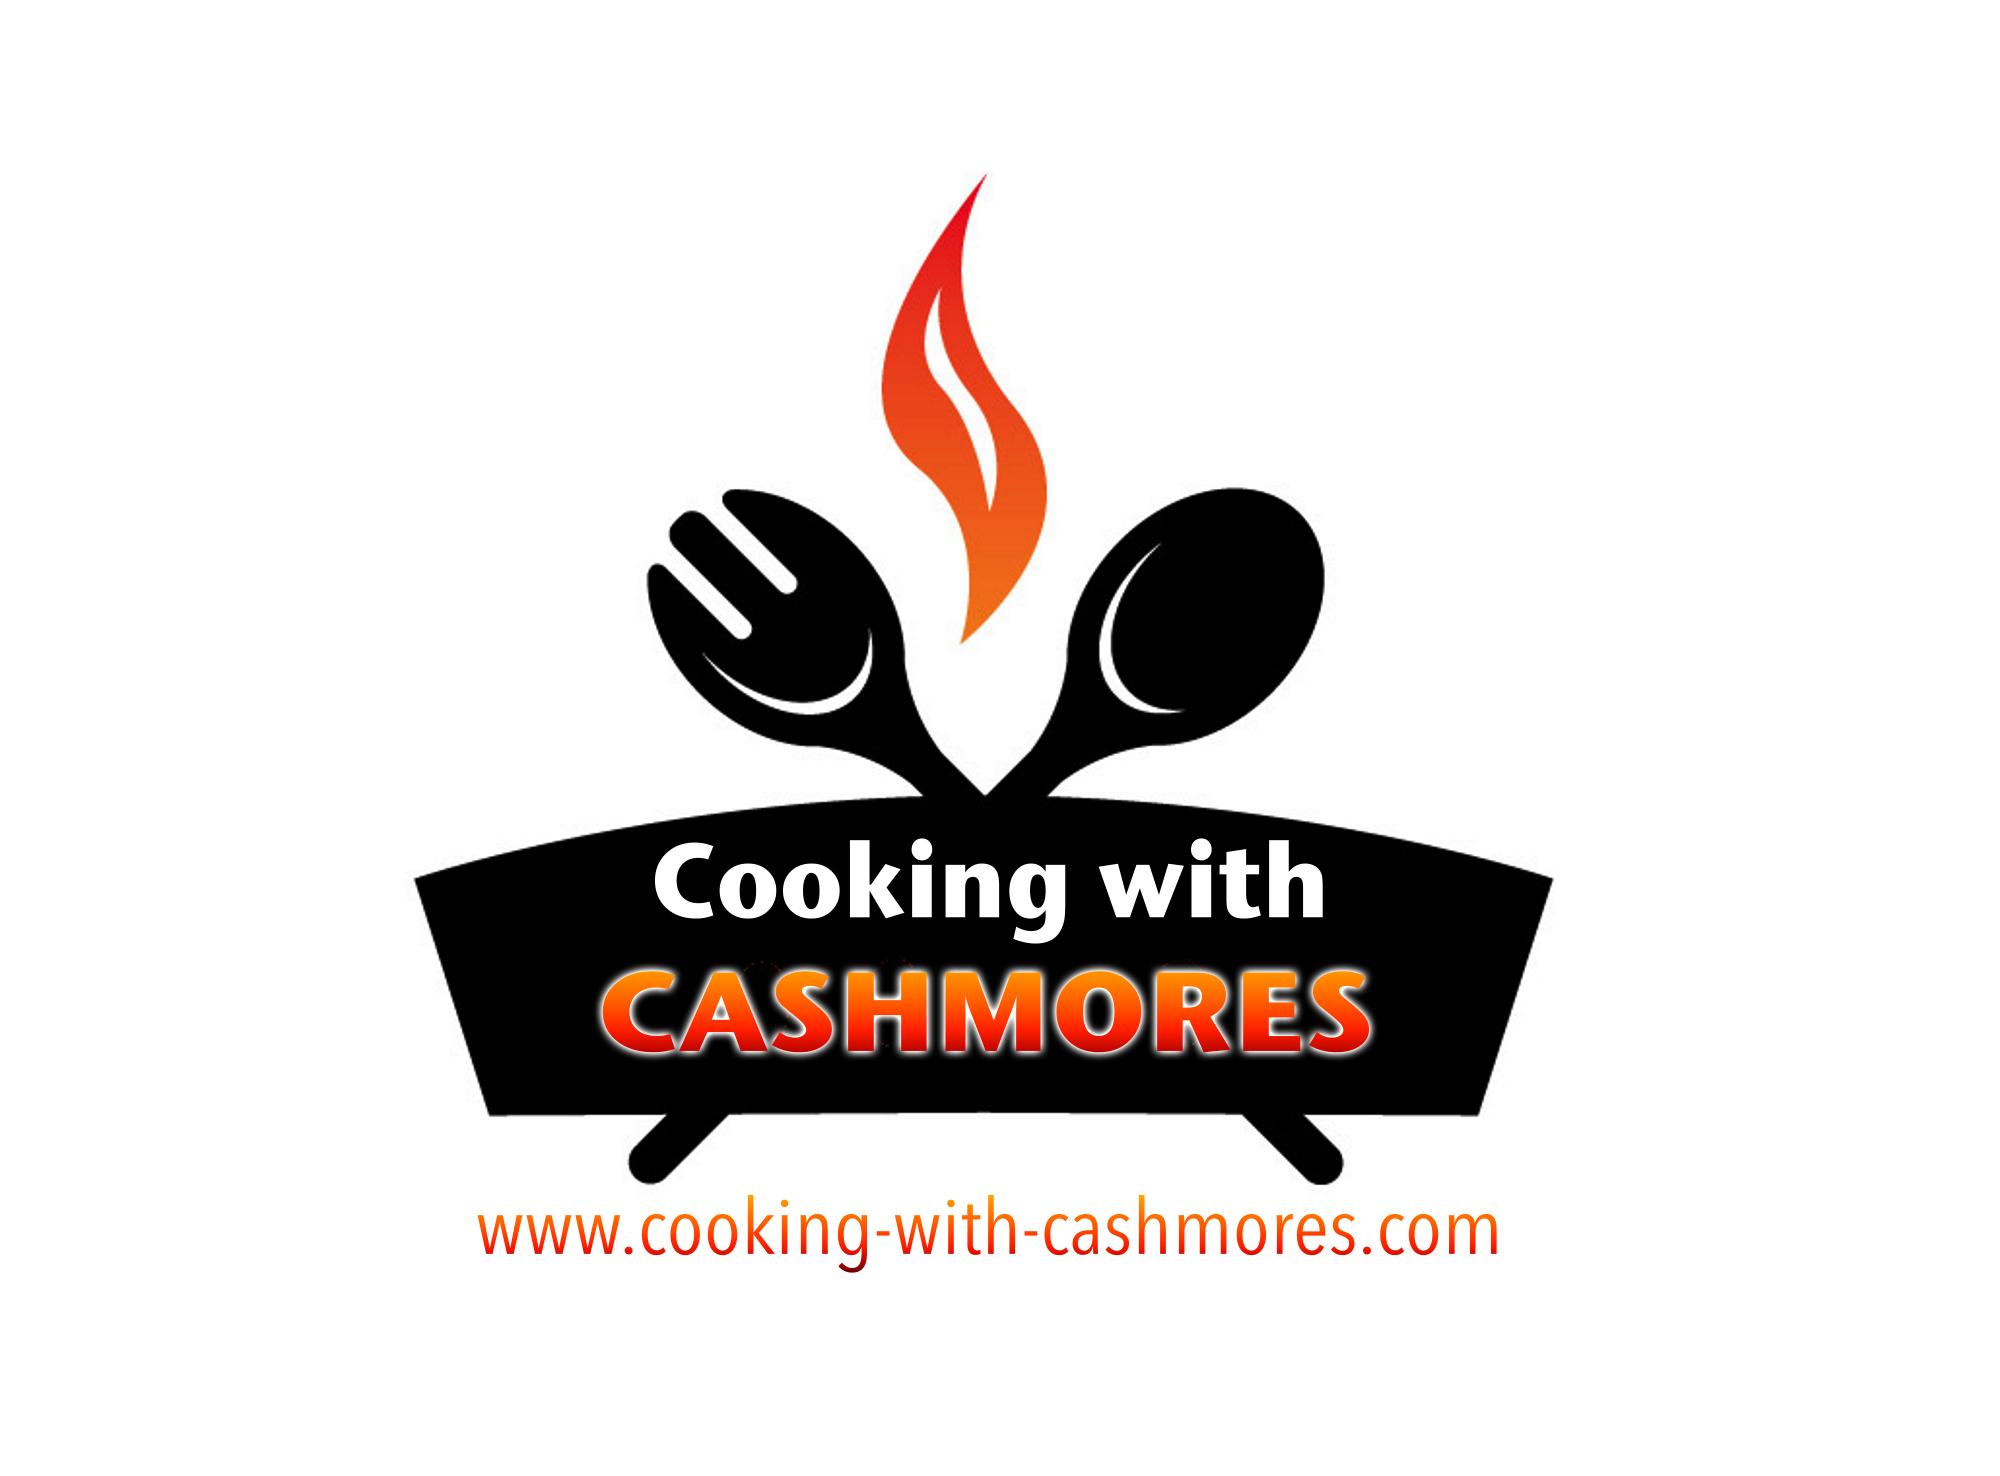 Besuchen Sie den Kochblog unserer Künstler Kaybee und John Cashmore. Beide sind begeisterte Hobby-Köche.